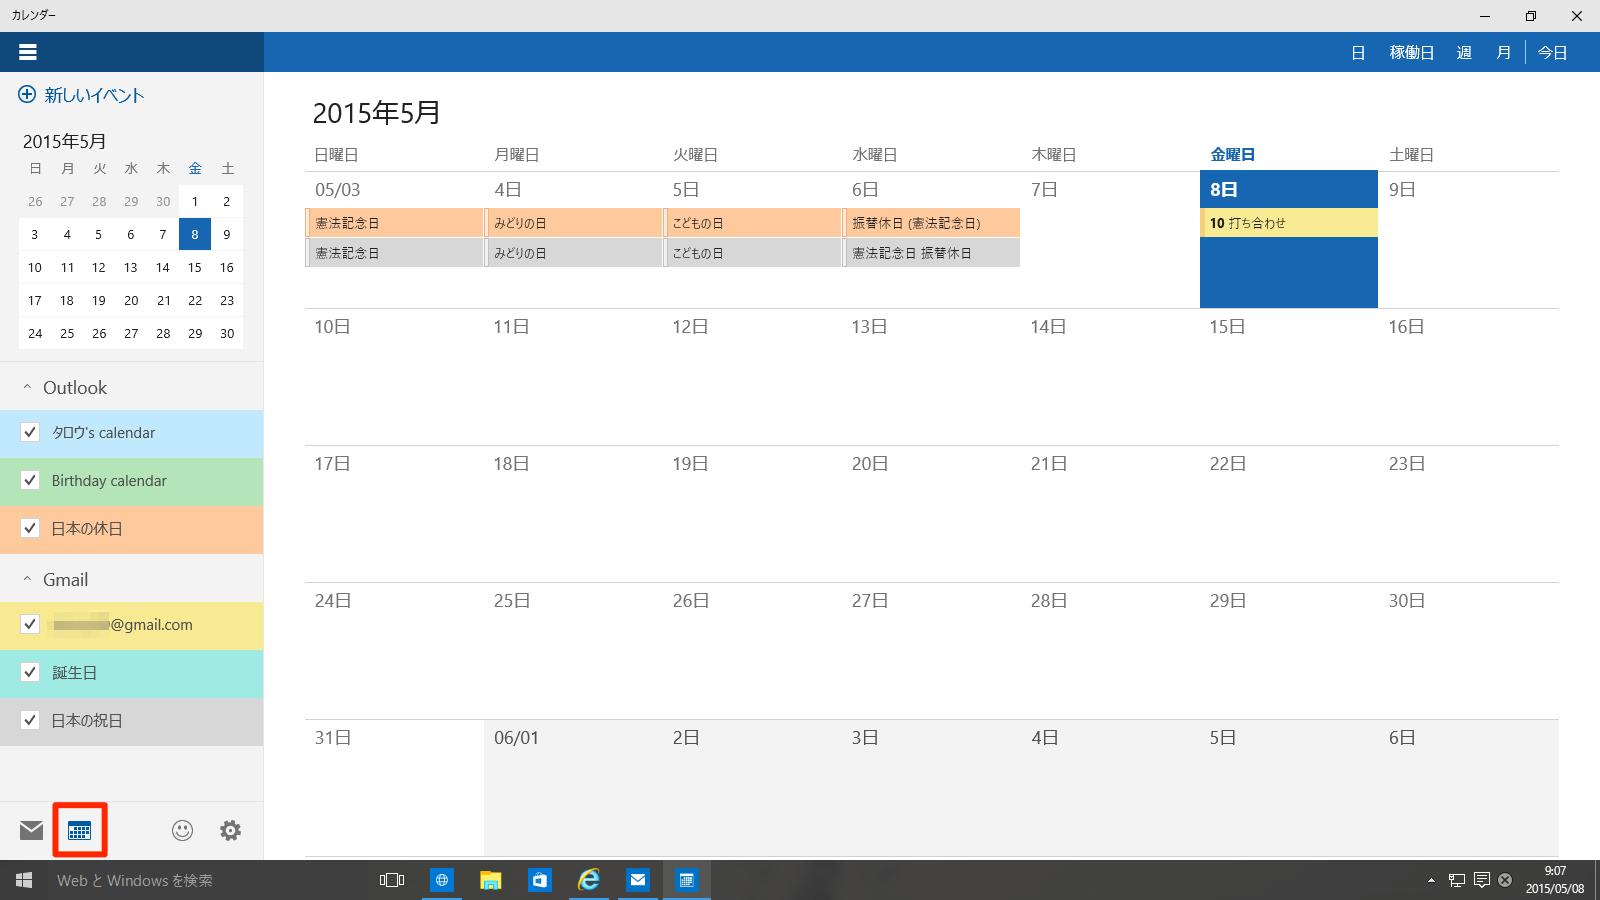 windows 10 メール ソフト